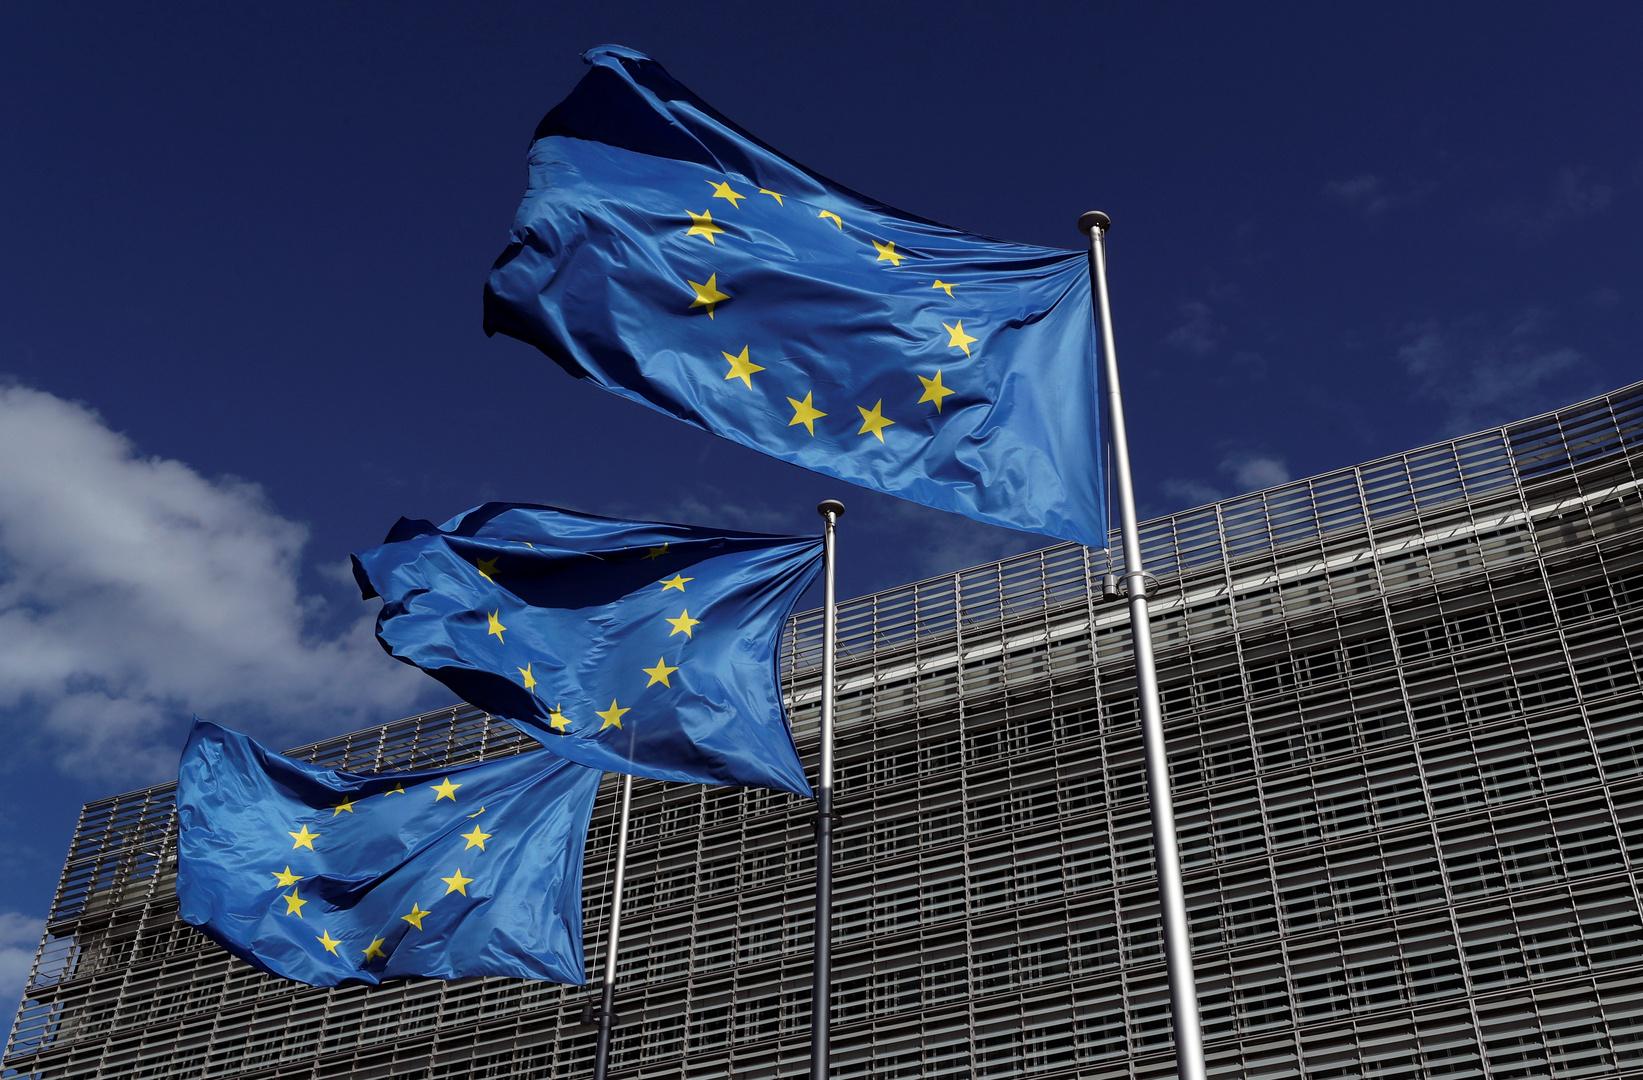 قيود كورونا تؤدي إلى تراجع قياسي في انبعاثات الكربون داخل الاتحاد الأوروبي